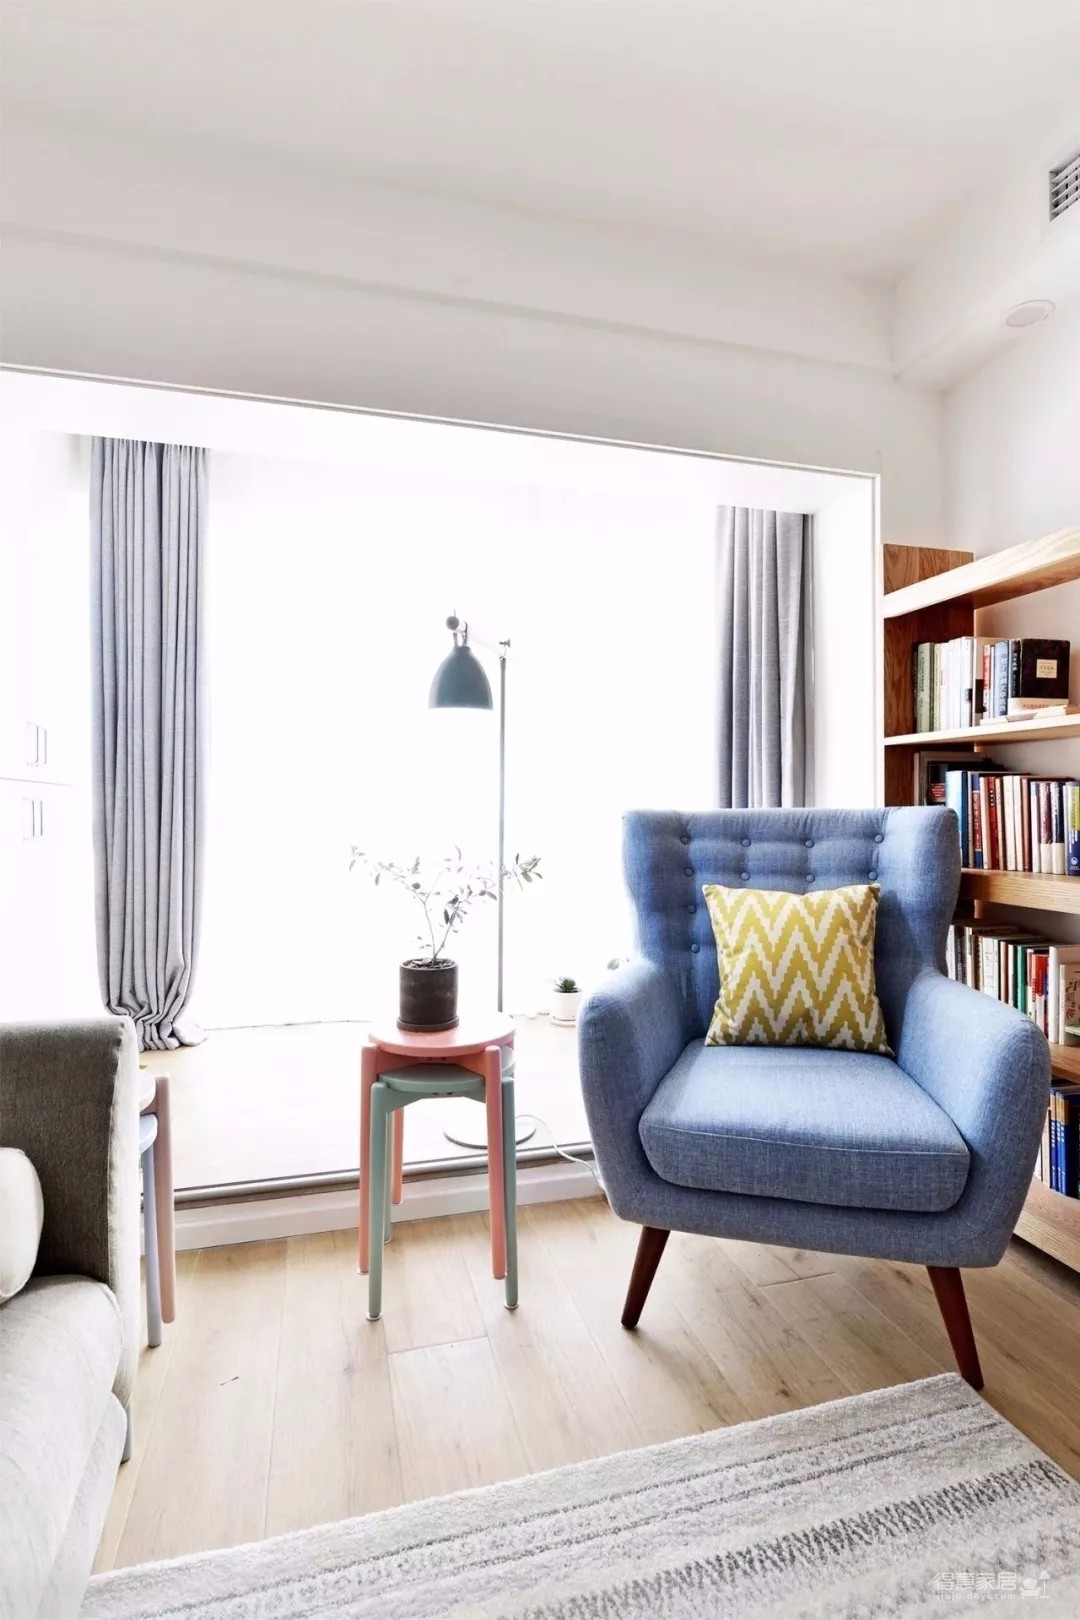 72㎡的简约风二居室,阳台抬高、清新又自在